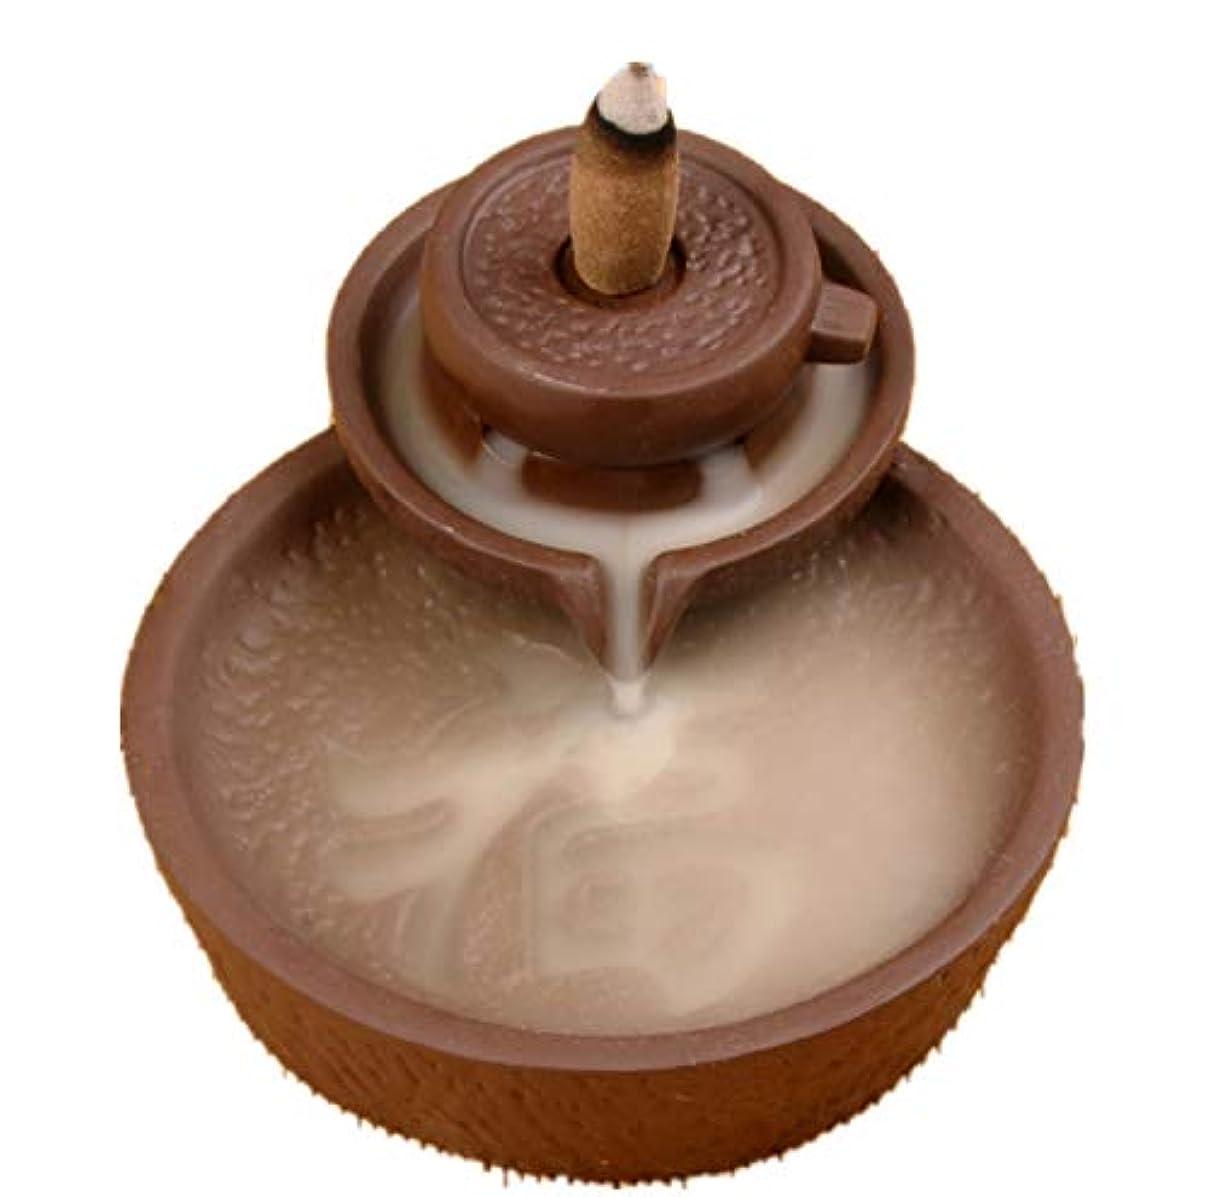 孤独海藻沿ってXPPXPP Backflow Incense Burner With 10pcs Backflow Incense Cone, Home Ceramic Backflow Incense Cone Holder Burner